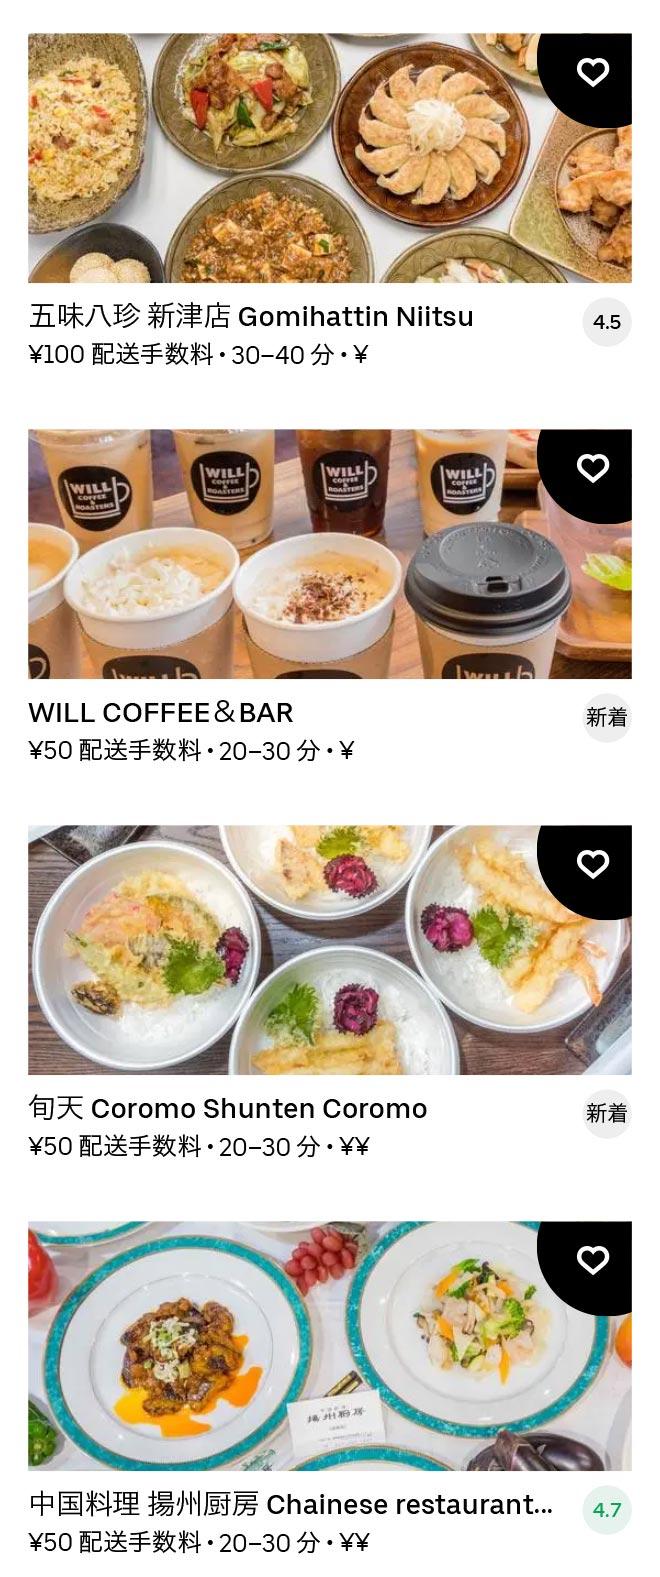 Hamamatsu menu 2011 12